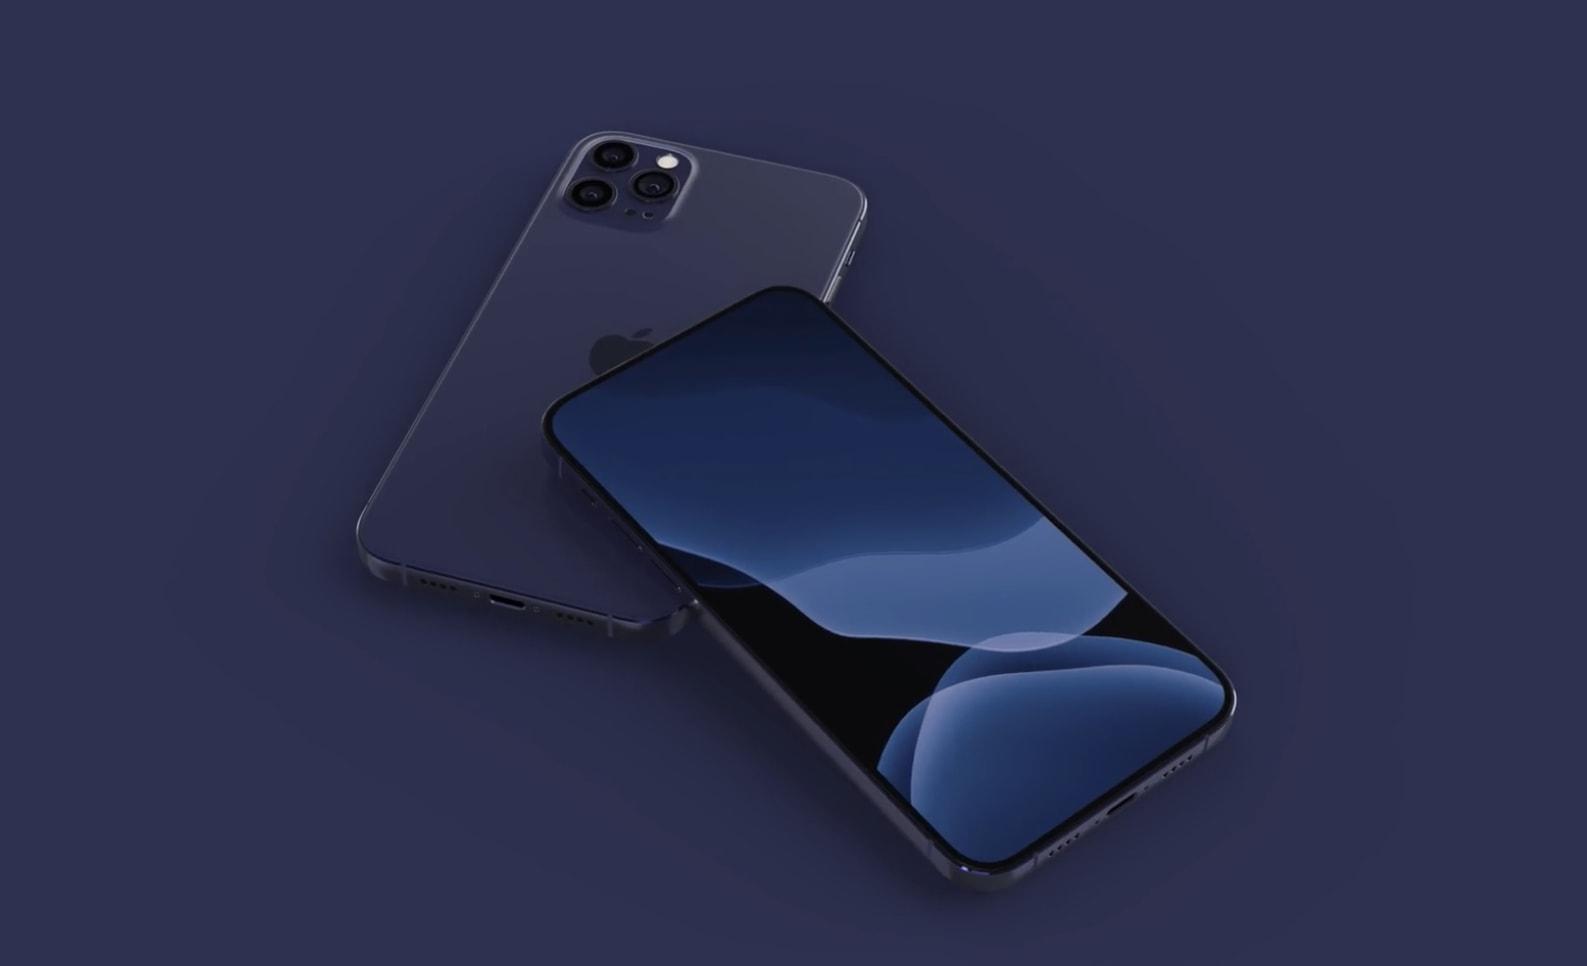 iphone bleu marin - L'iPhone 12 pourrait être disponible en bleu marine